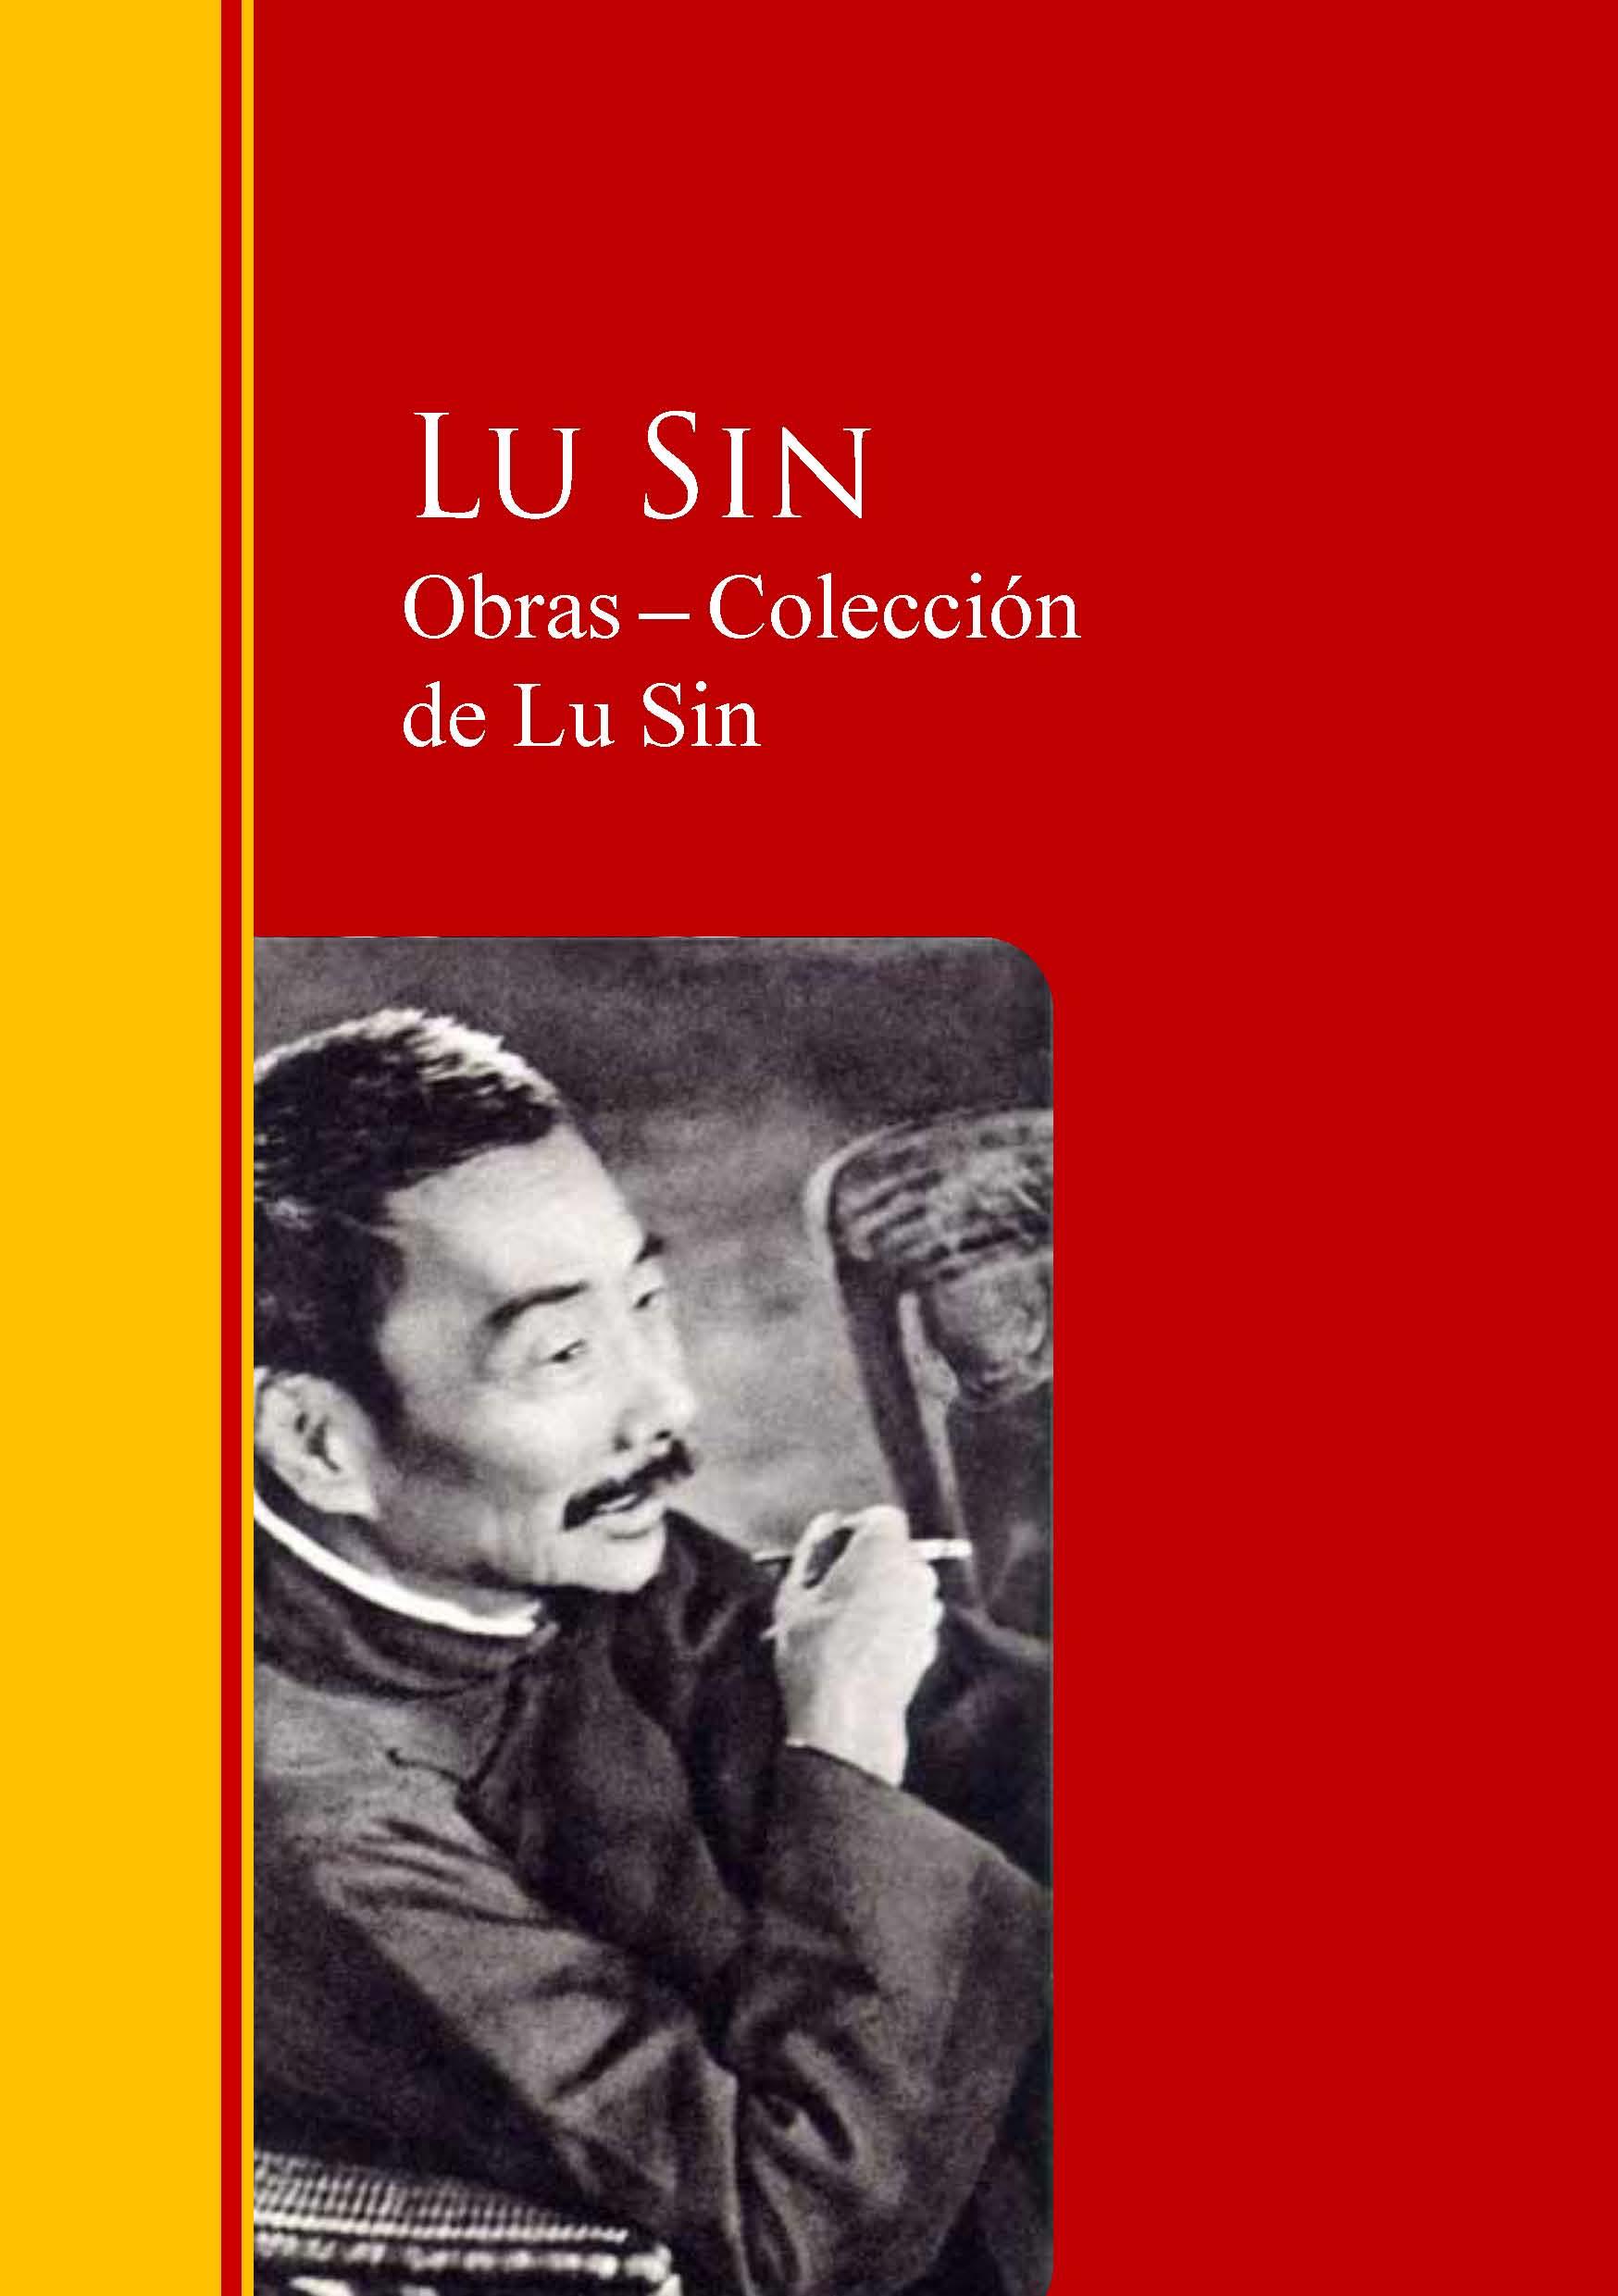 Lu Sin Obras ─ Colección de Lu Sin